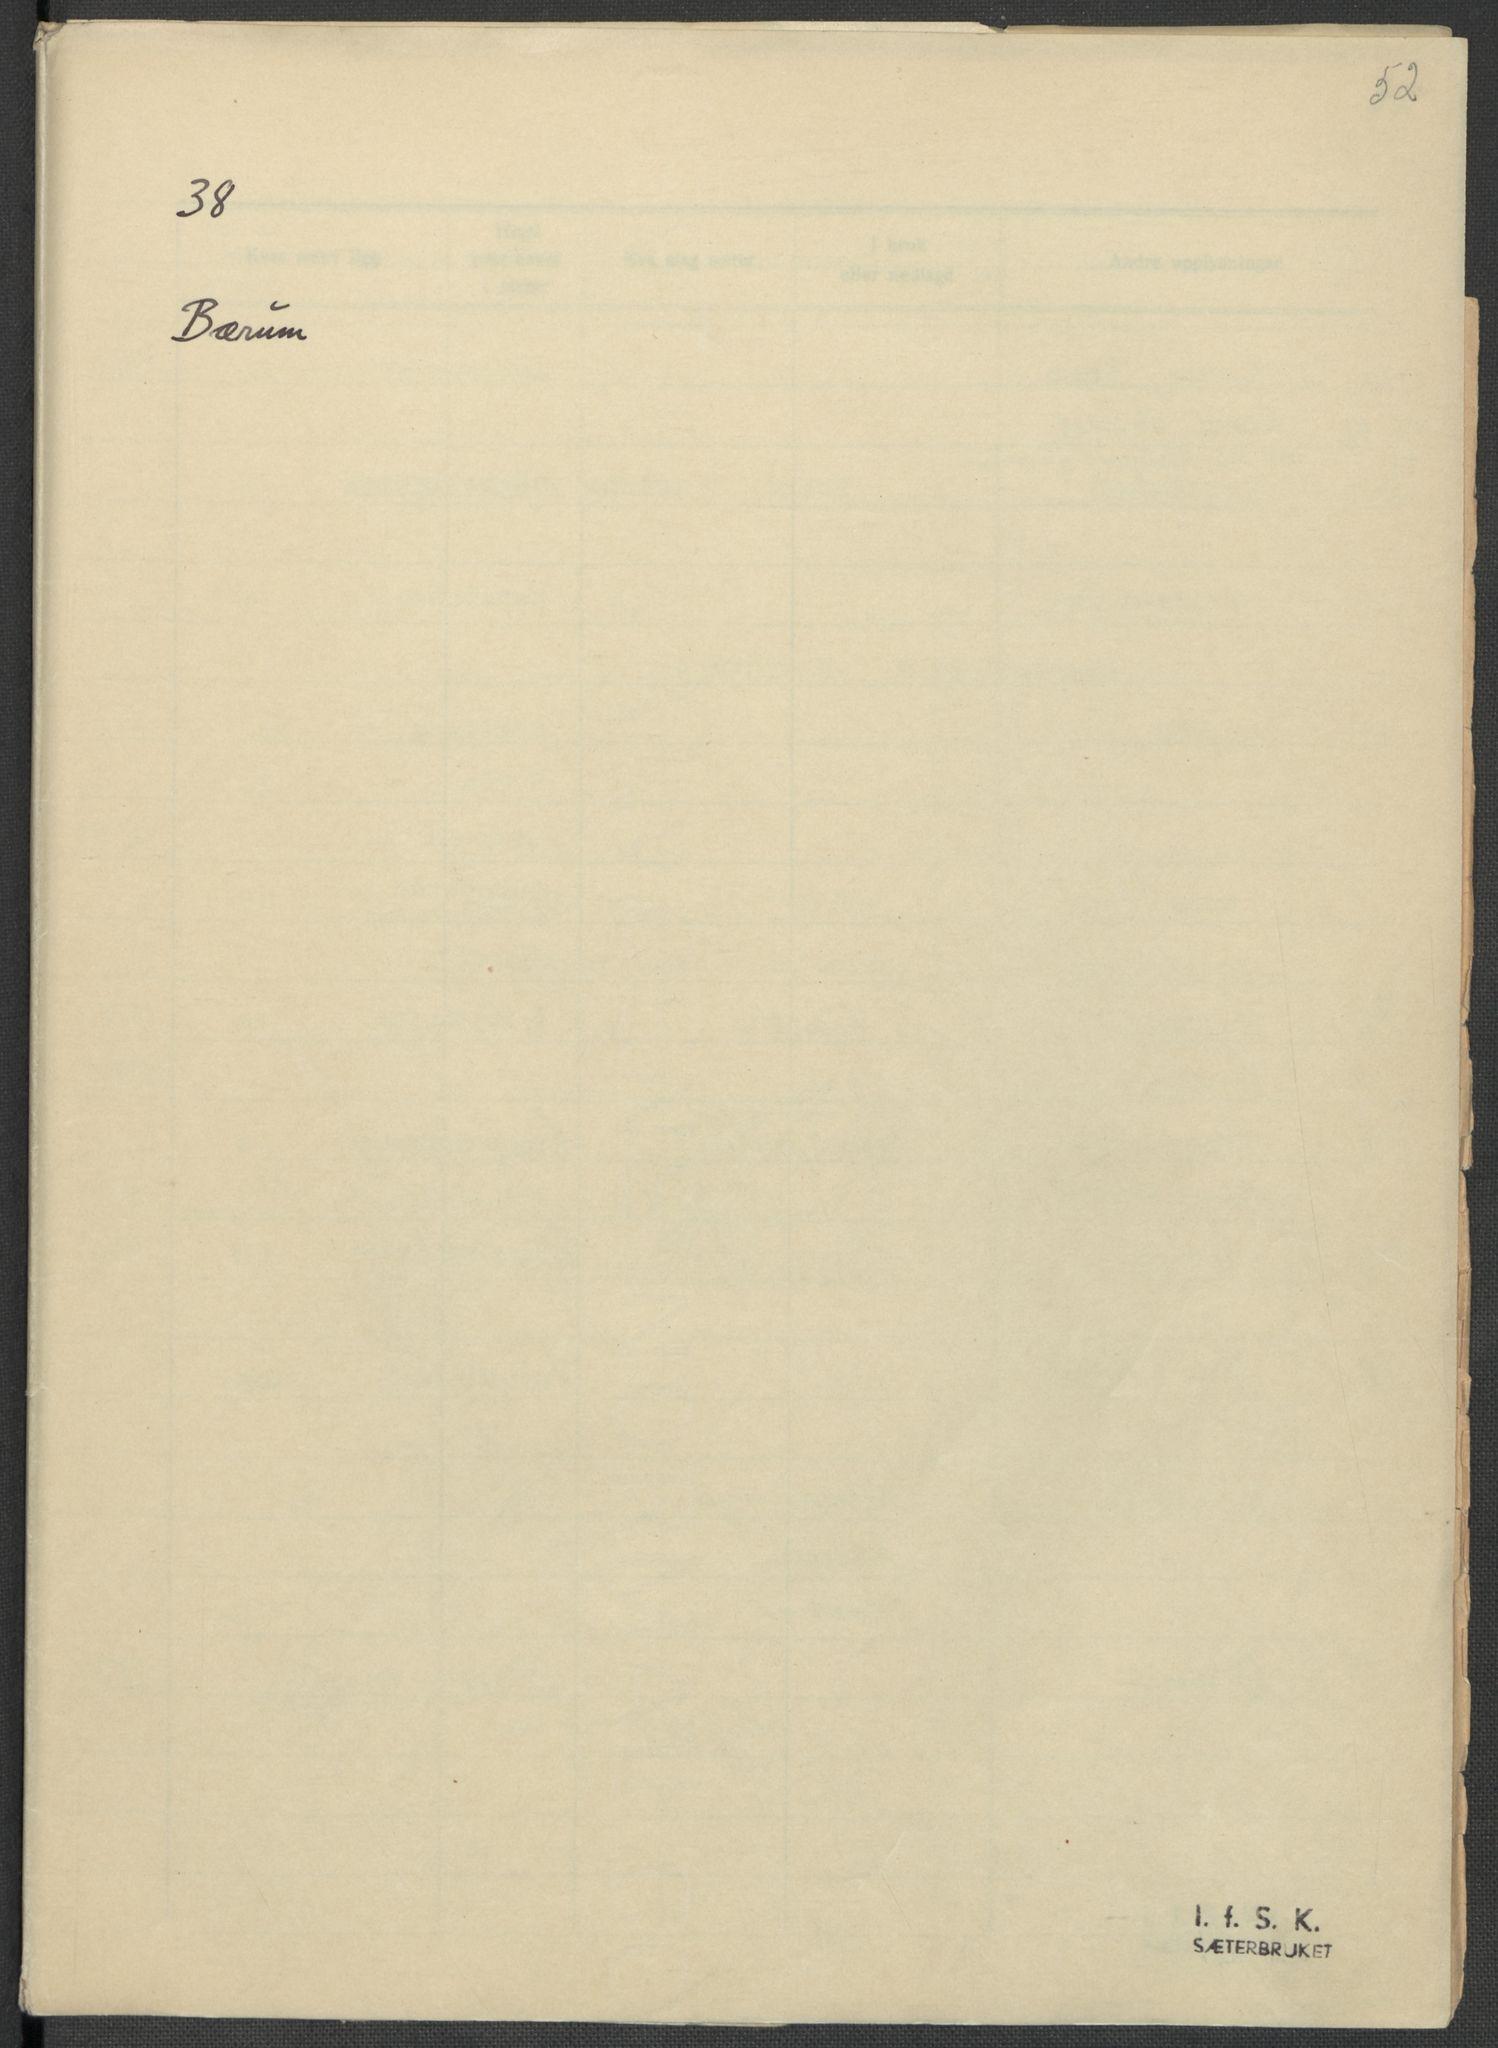 RA, Instituttet for sammenlignende kulturforskning, F/Fc/L0002: Eske B2:, 1932-1936, s. 52